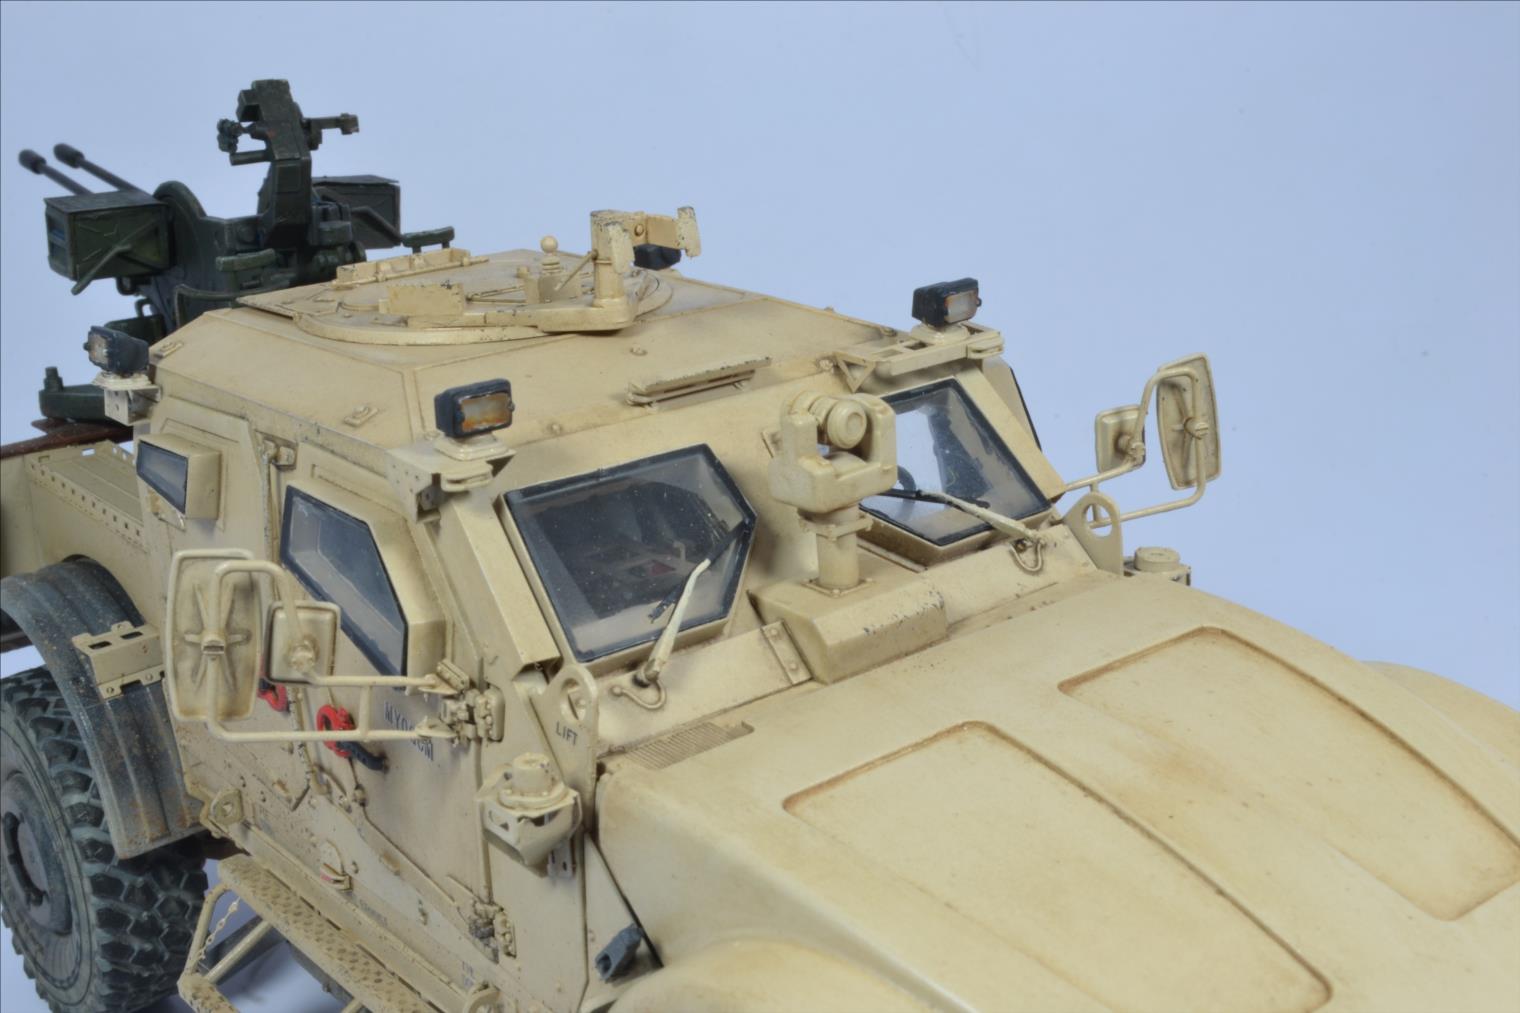 M 1240 A1 M-ATV 1/35 (RFM) - Page 3 20122208503722494217183716